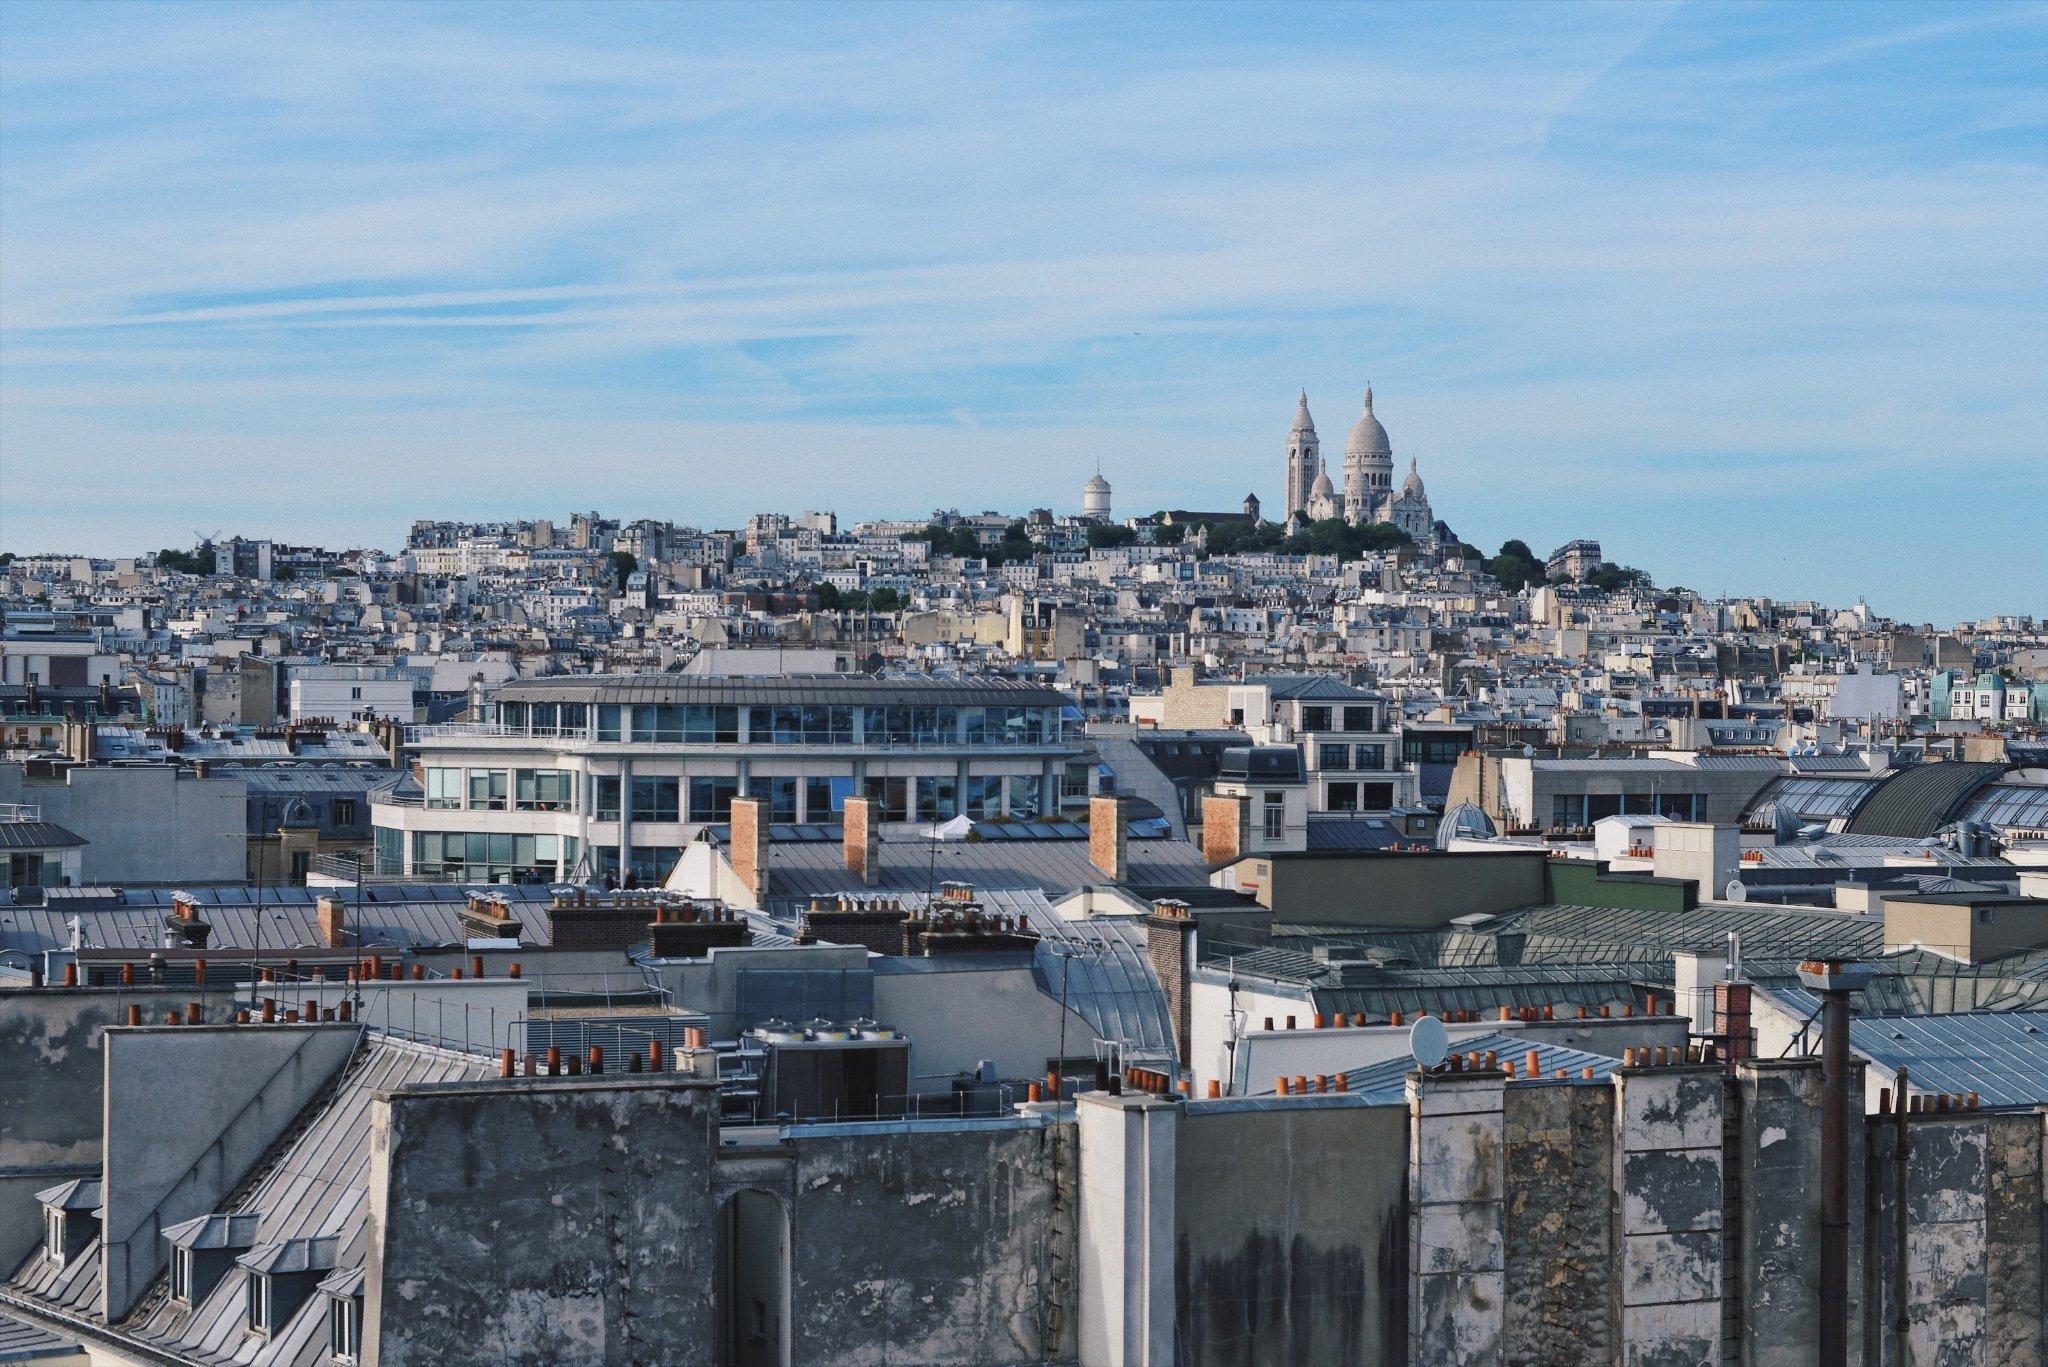 朵²|法国|以艺术的名义擦肩有趣的灵魂